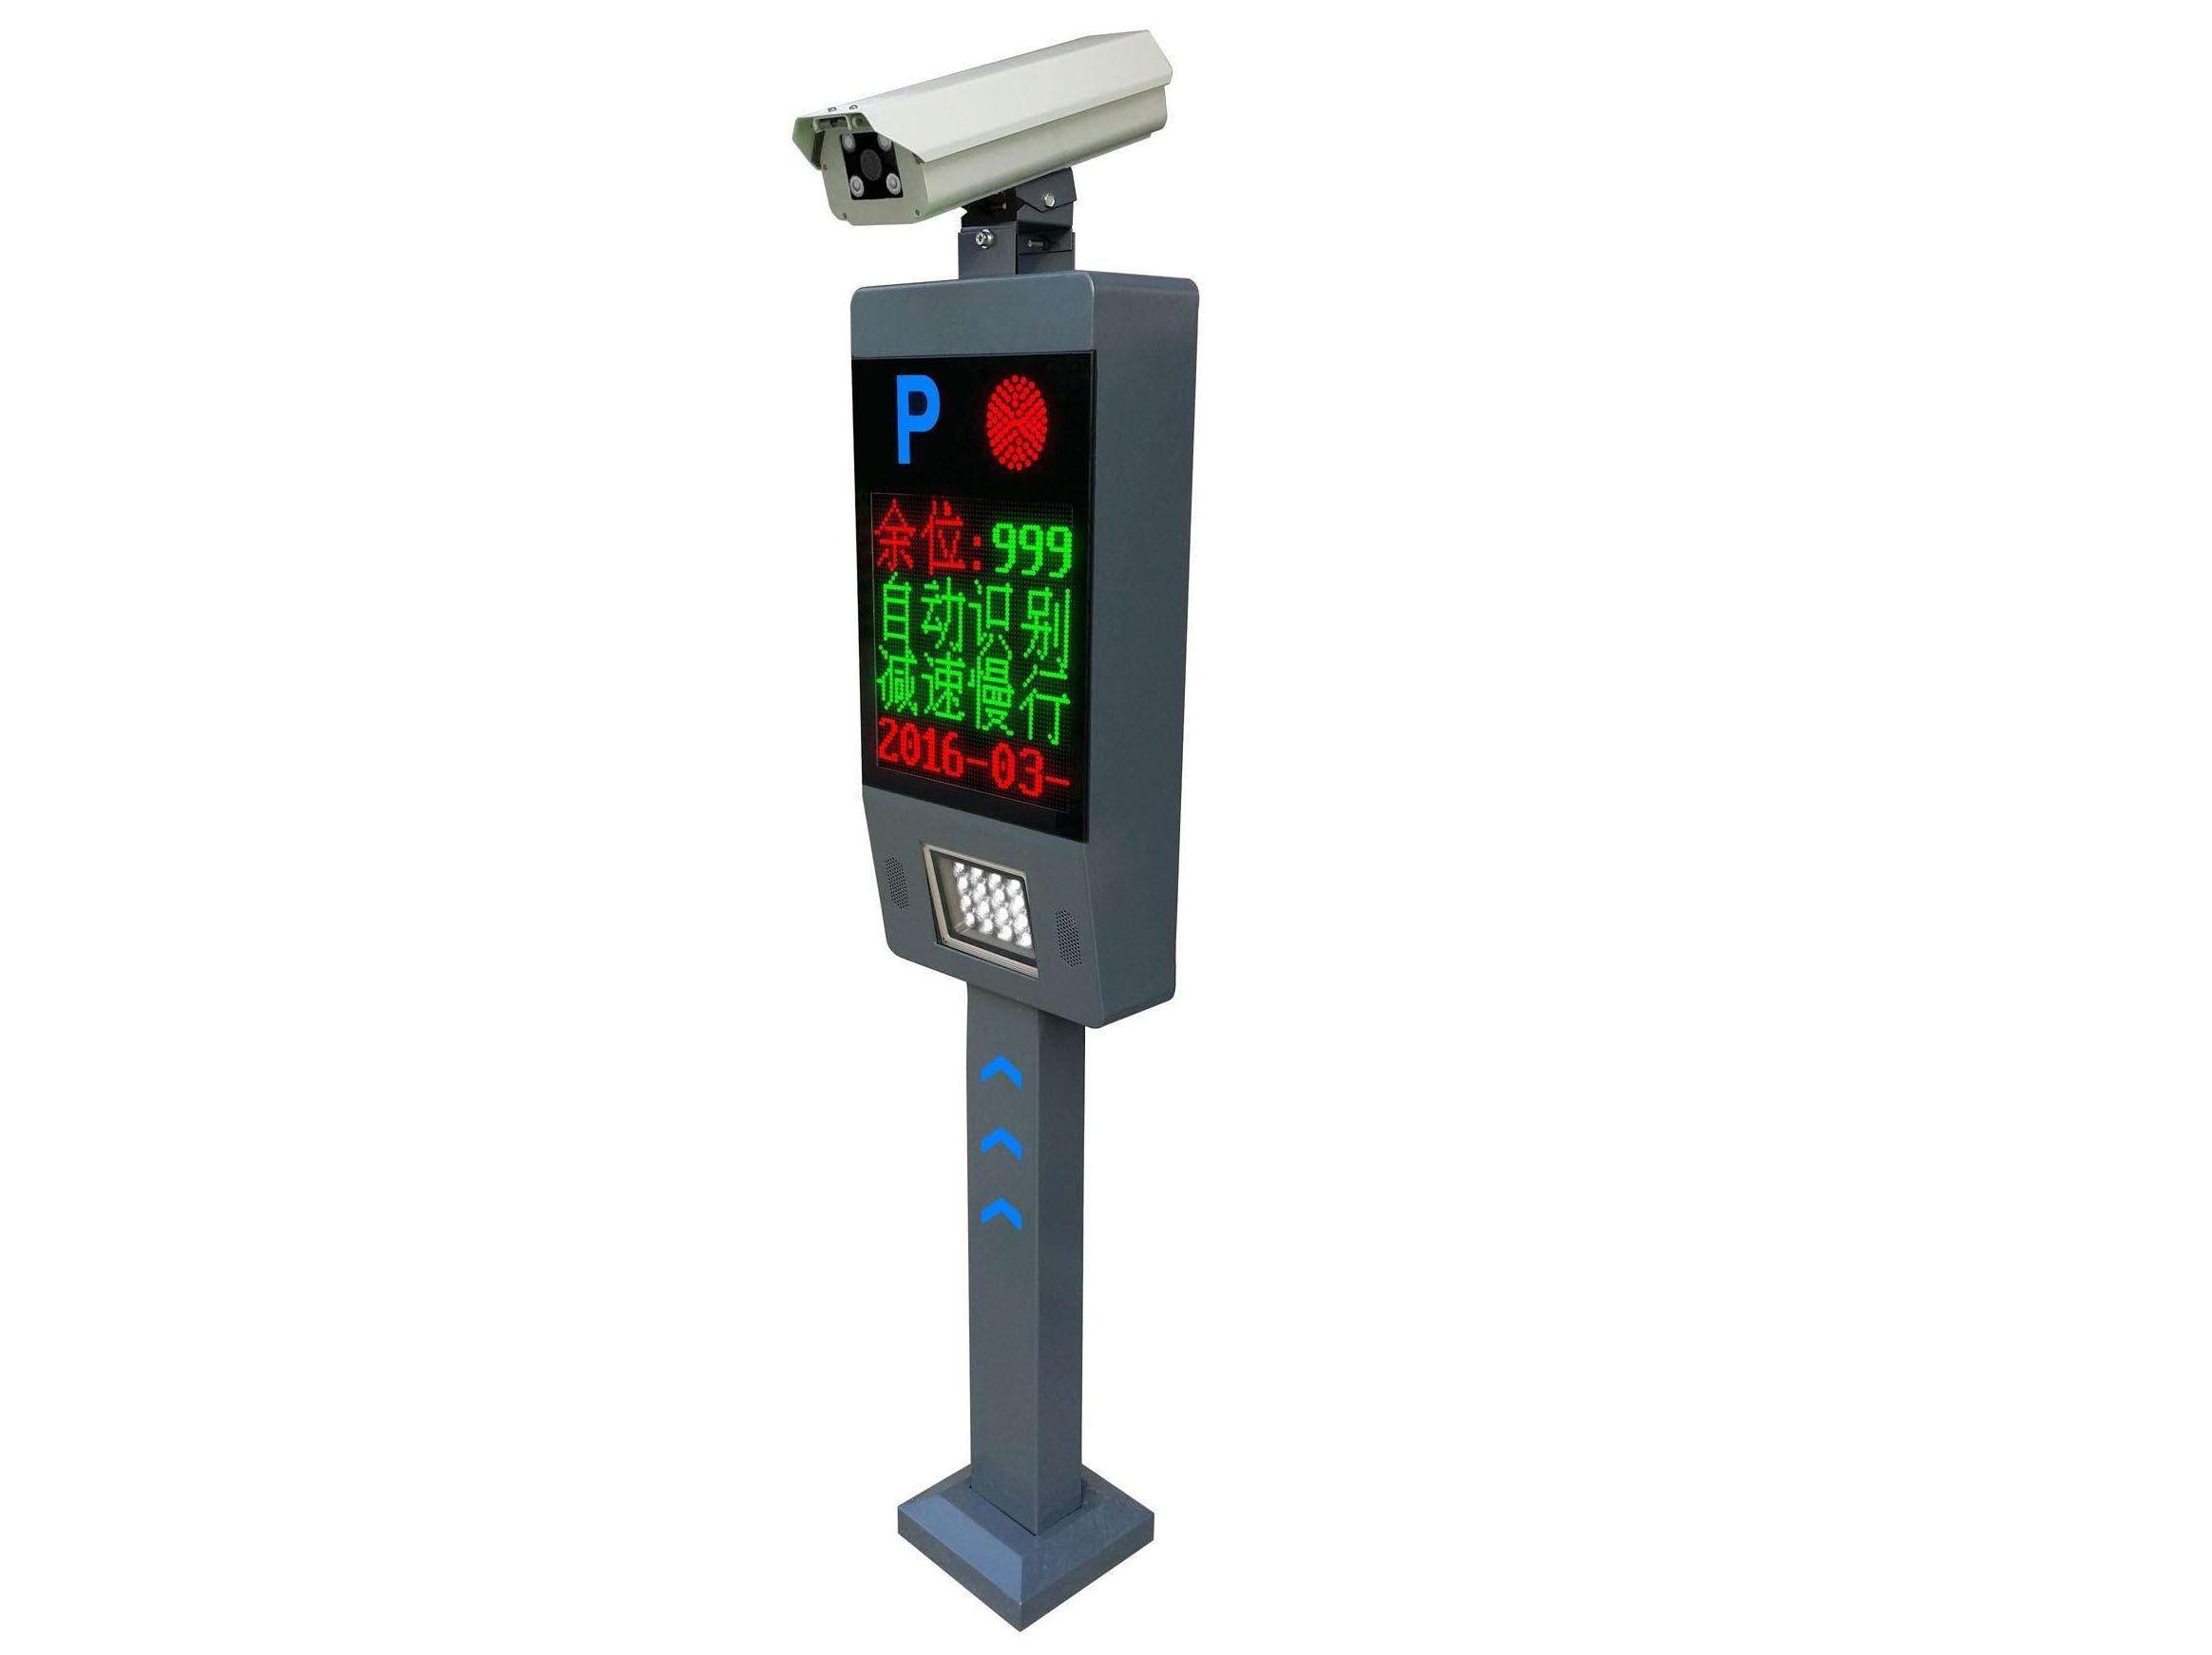 成都车牌识别系统-A7车牌识别一体机